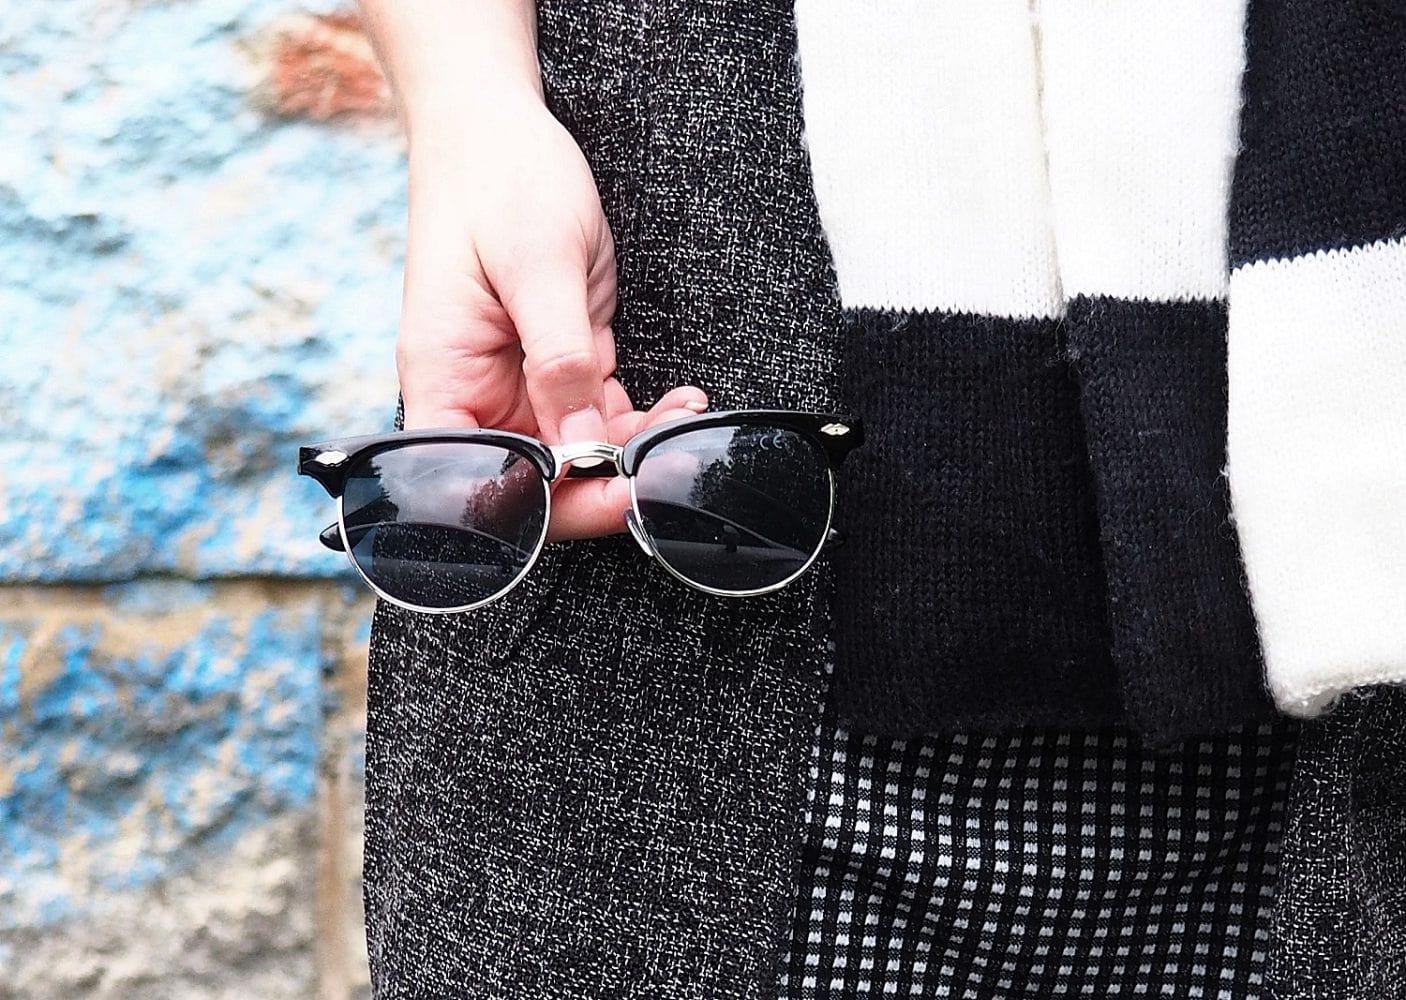 7 Girls 7 Styles | Schwarz-Weiß mit Lederleggins